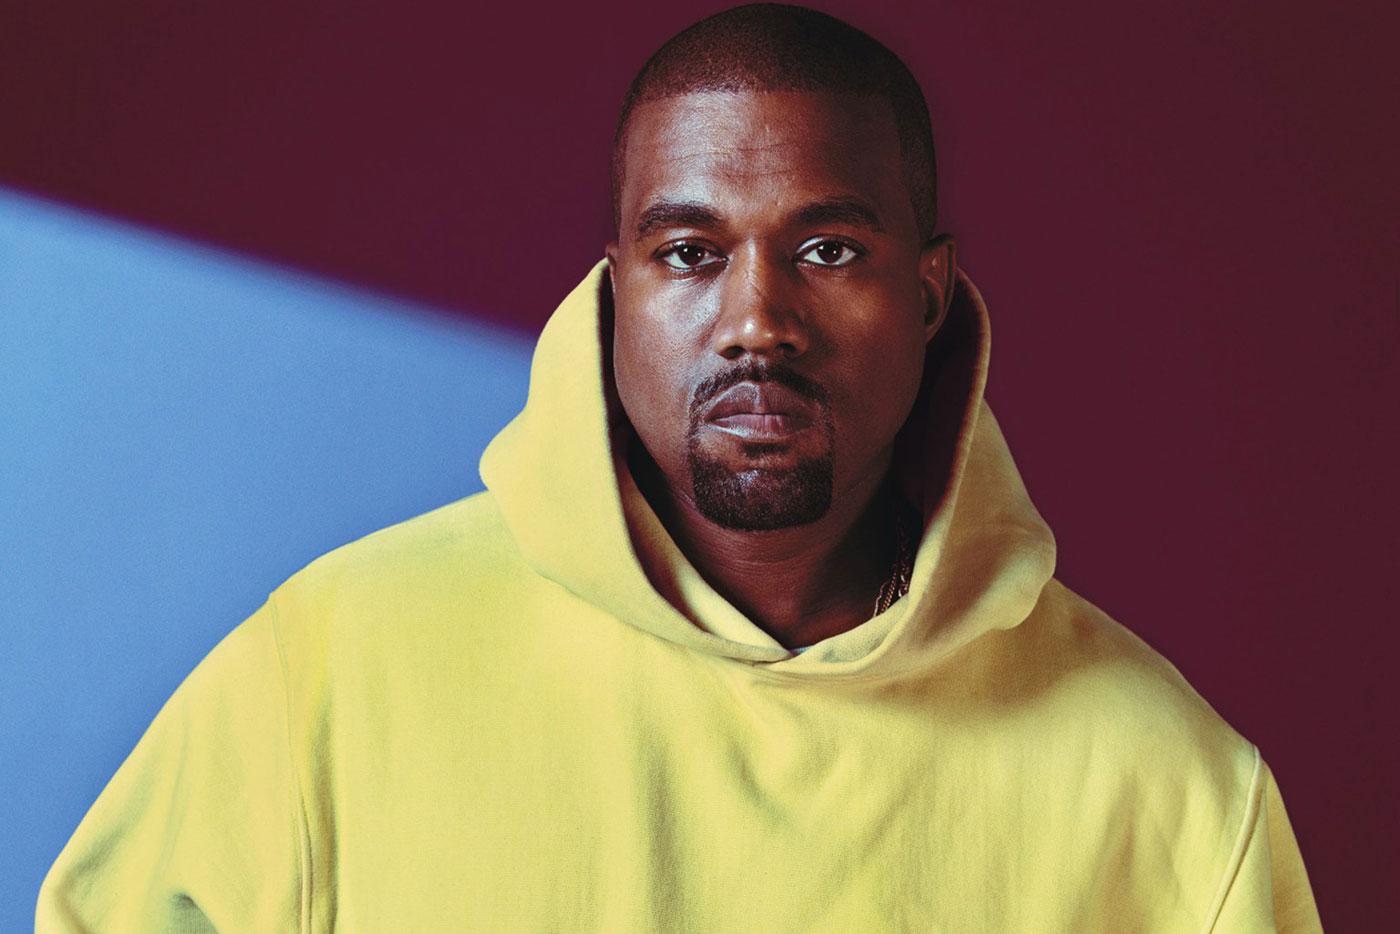 """Kanye West estrenará una ópera y una secuela de """"Jesus Is King"""" con Dr. Dre"""